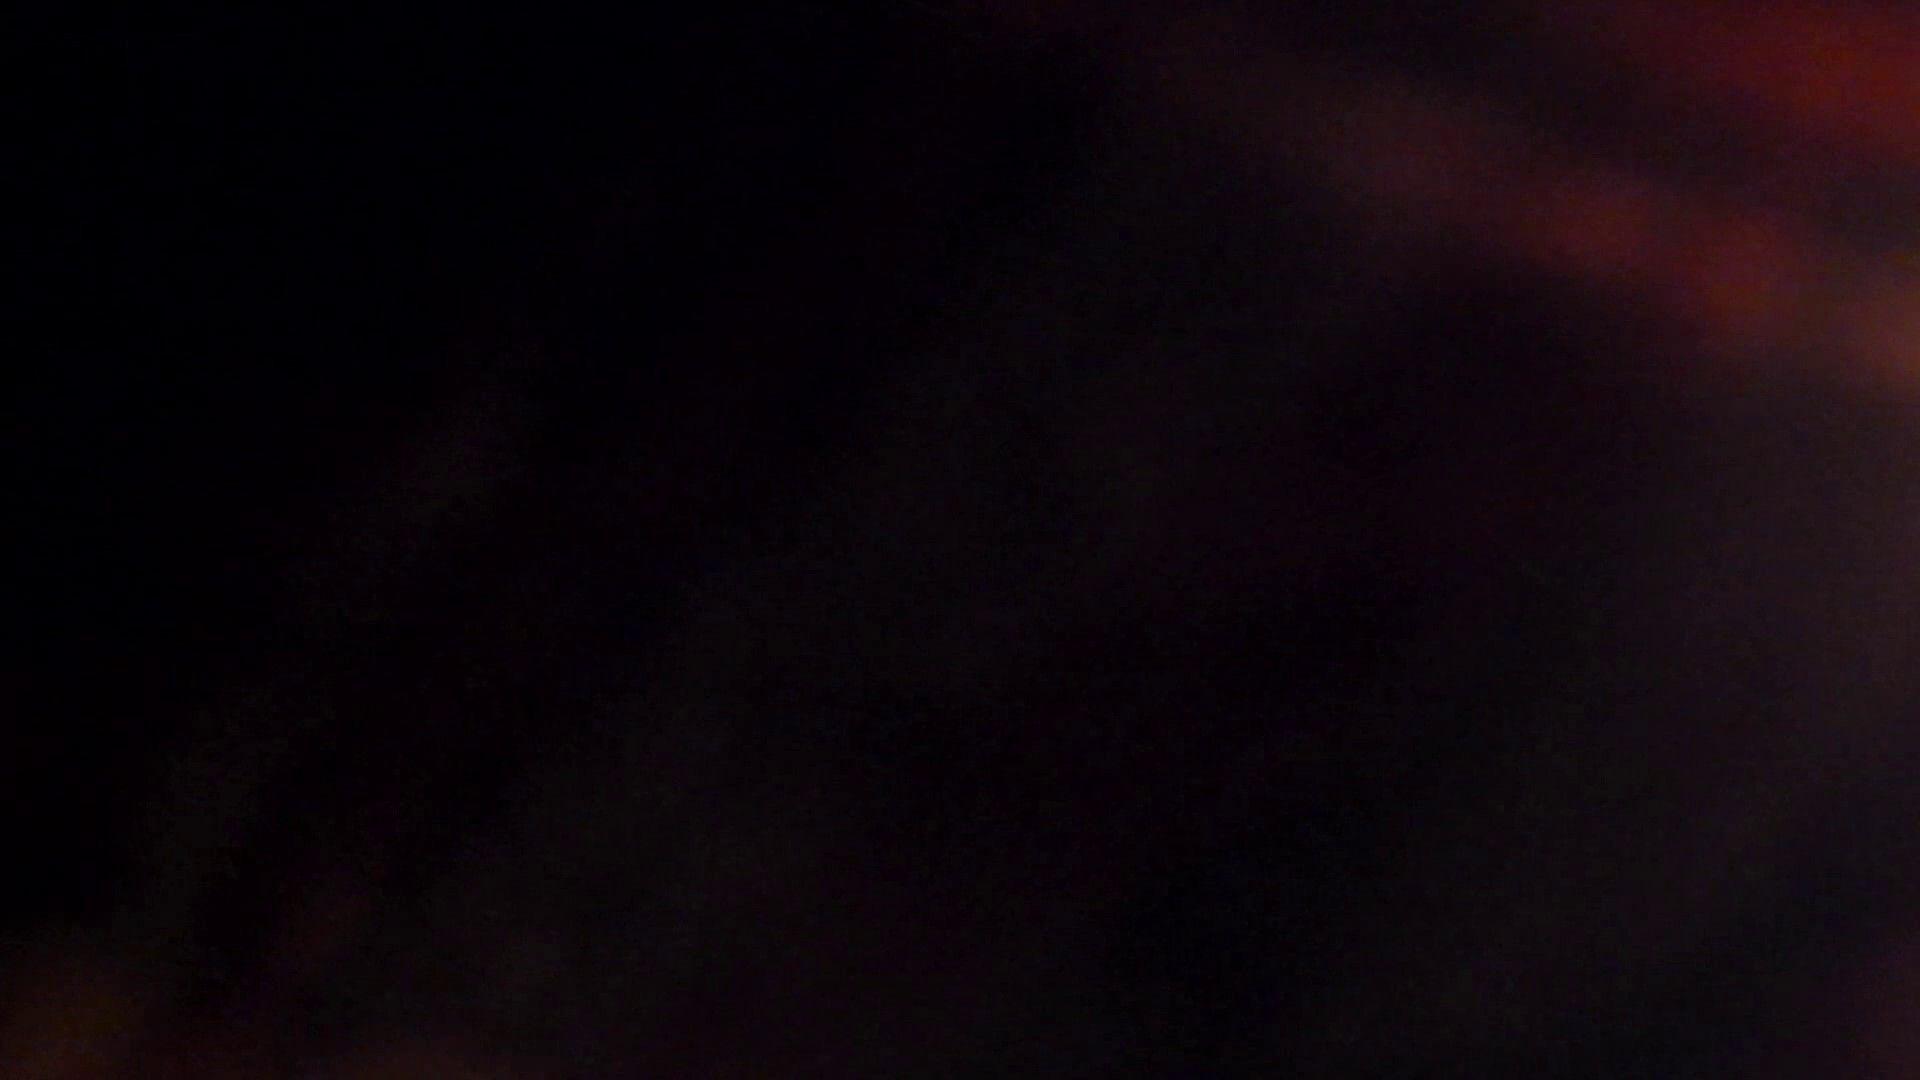 ▲復活限定▲マンコ丸見え!花火大会潜入撮 Vol.02 明るい場所に移動! お姉さん攻略 | 期間限定シリーズ  78画像 46